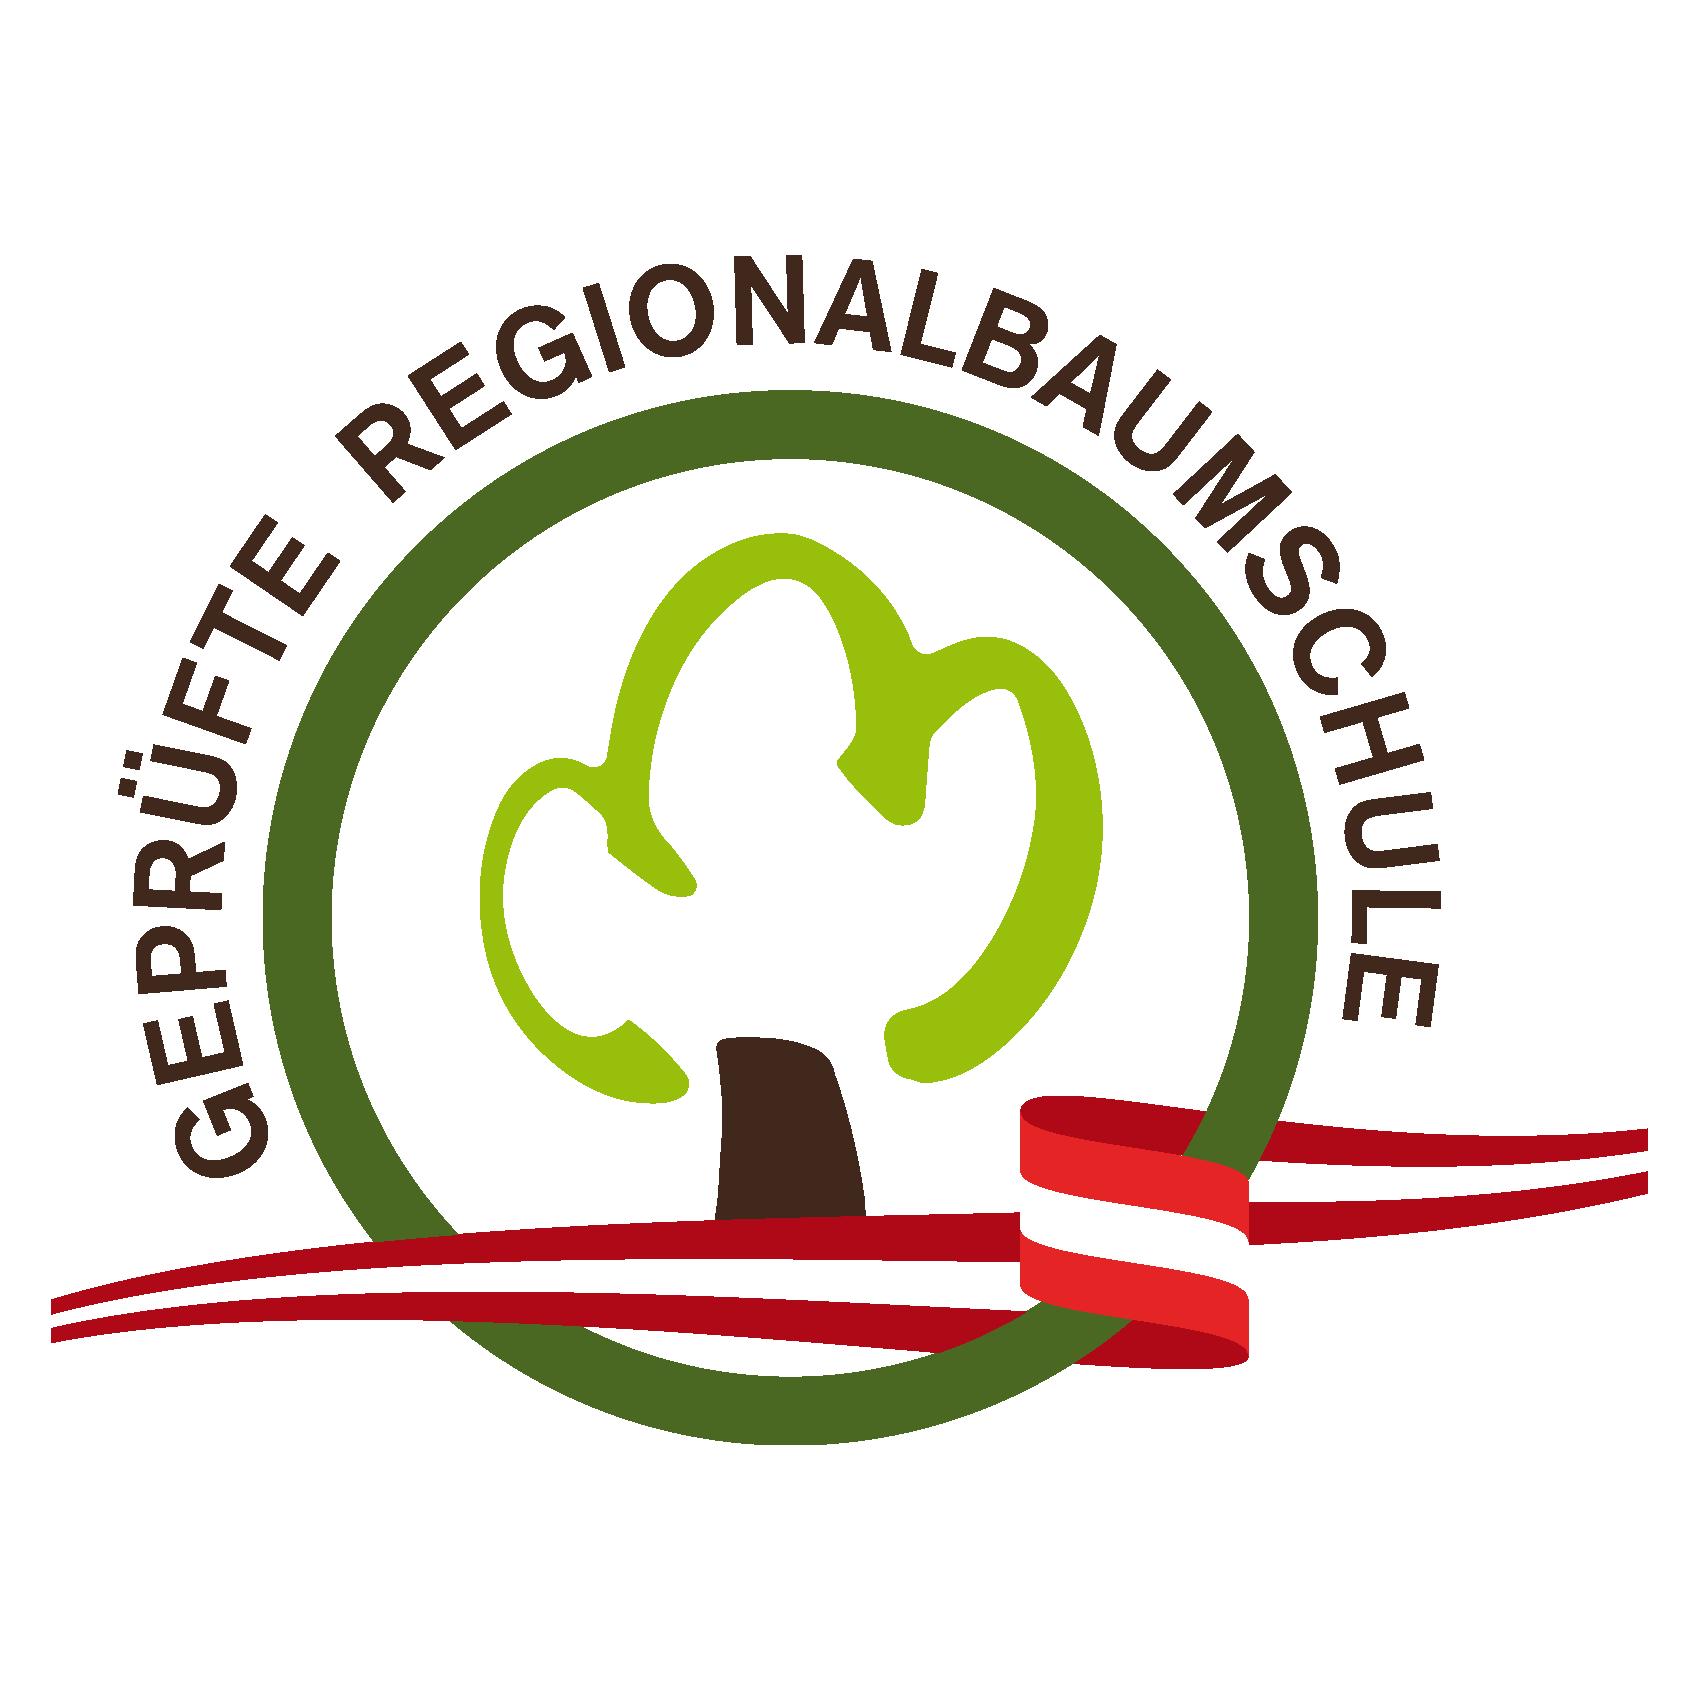 Geprüfte regionale Baumschule Hemmelmeyer